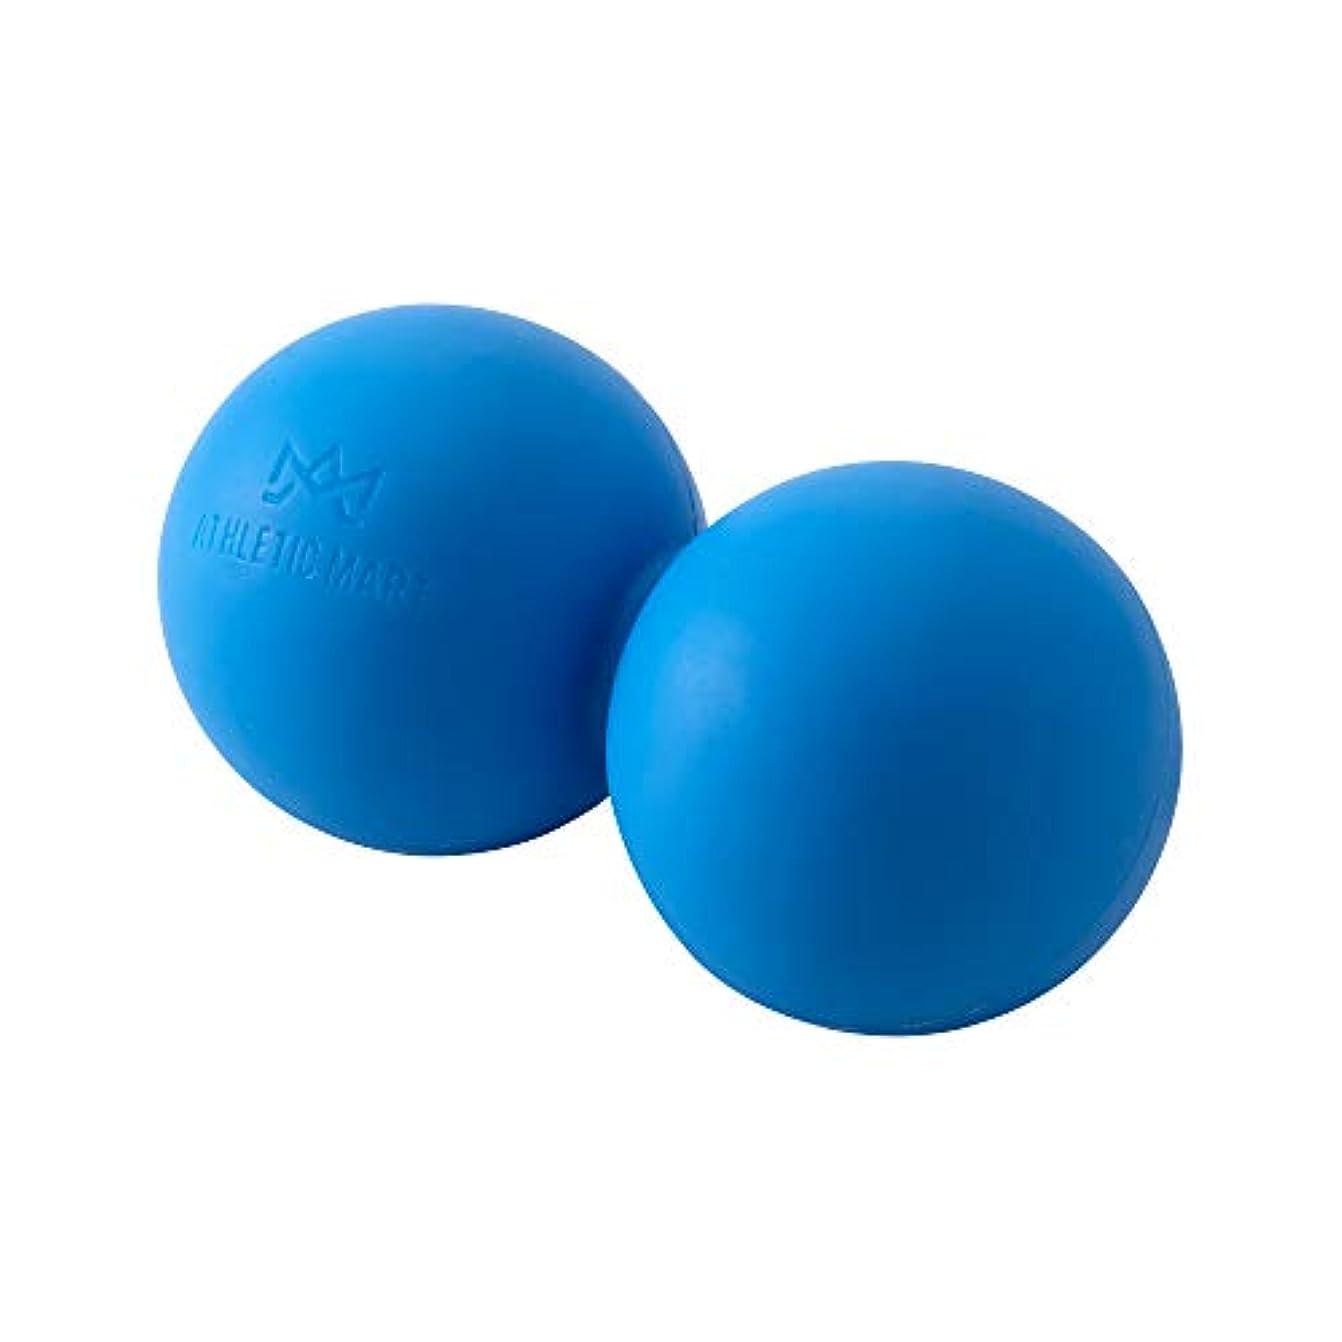 挨拶不機嫌そうな父方のATHLETIC MART ピーナッツ型ストレッチボール マッサージボール ラクロスボール2個サイズ ツボ押し (ブルー)